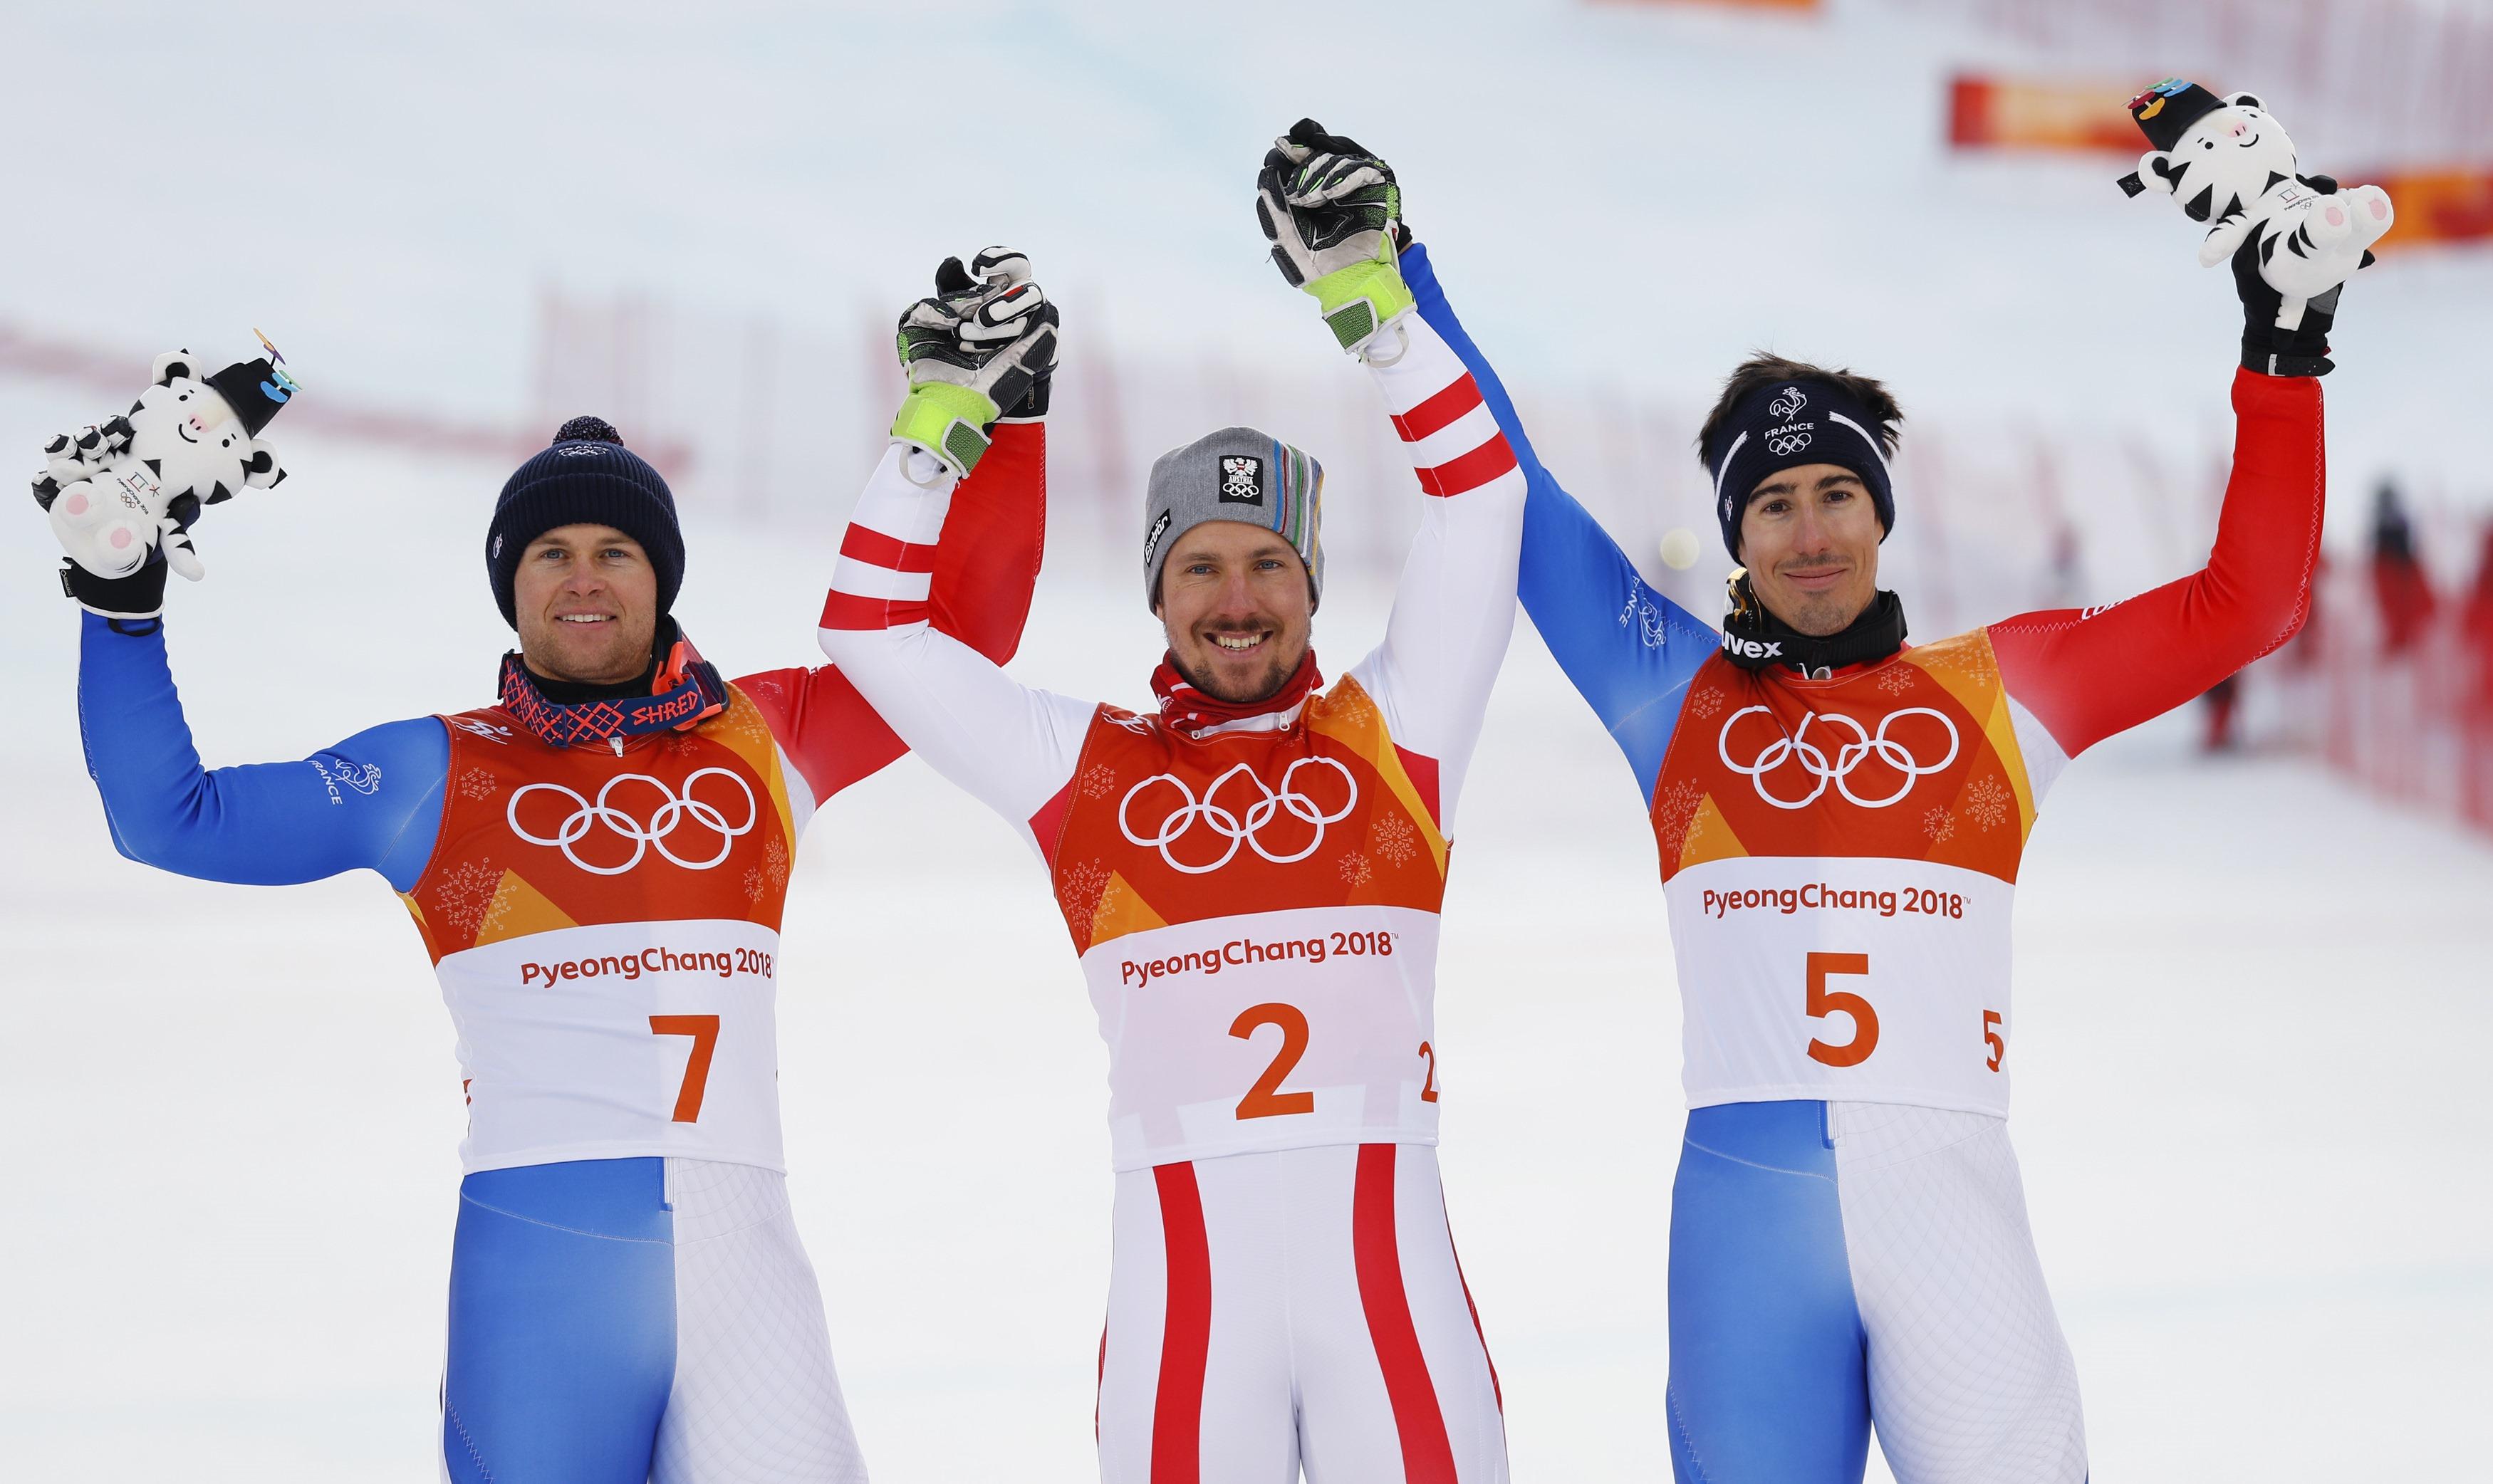 Jeux olympiques - Pyeongchang 2018 - Pinturault et Muffat-Jeandet : les portes de la renommée